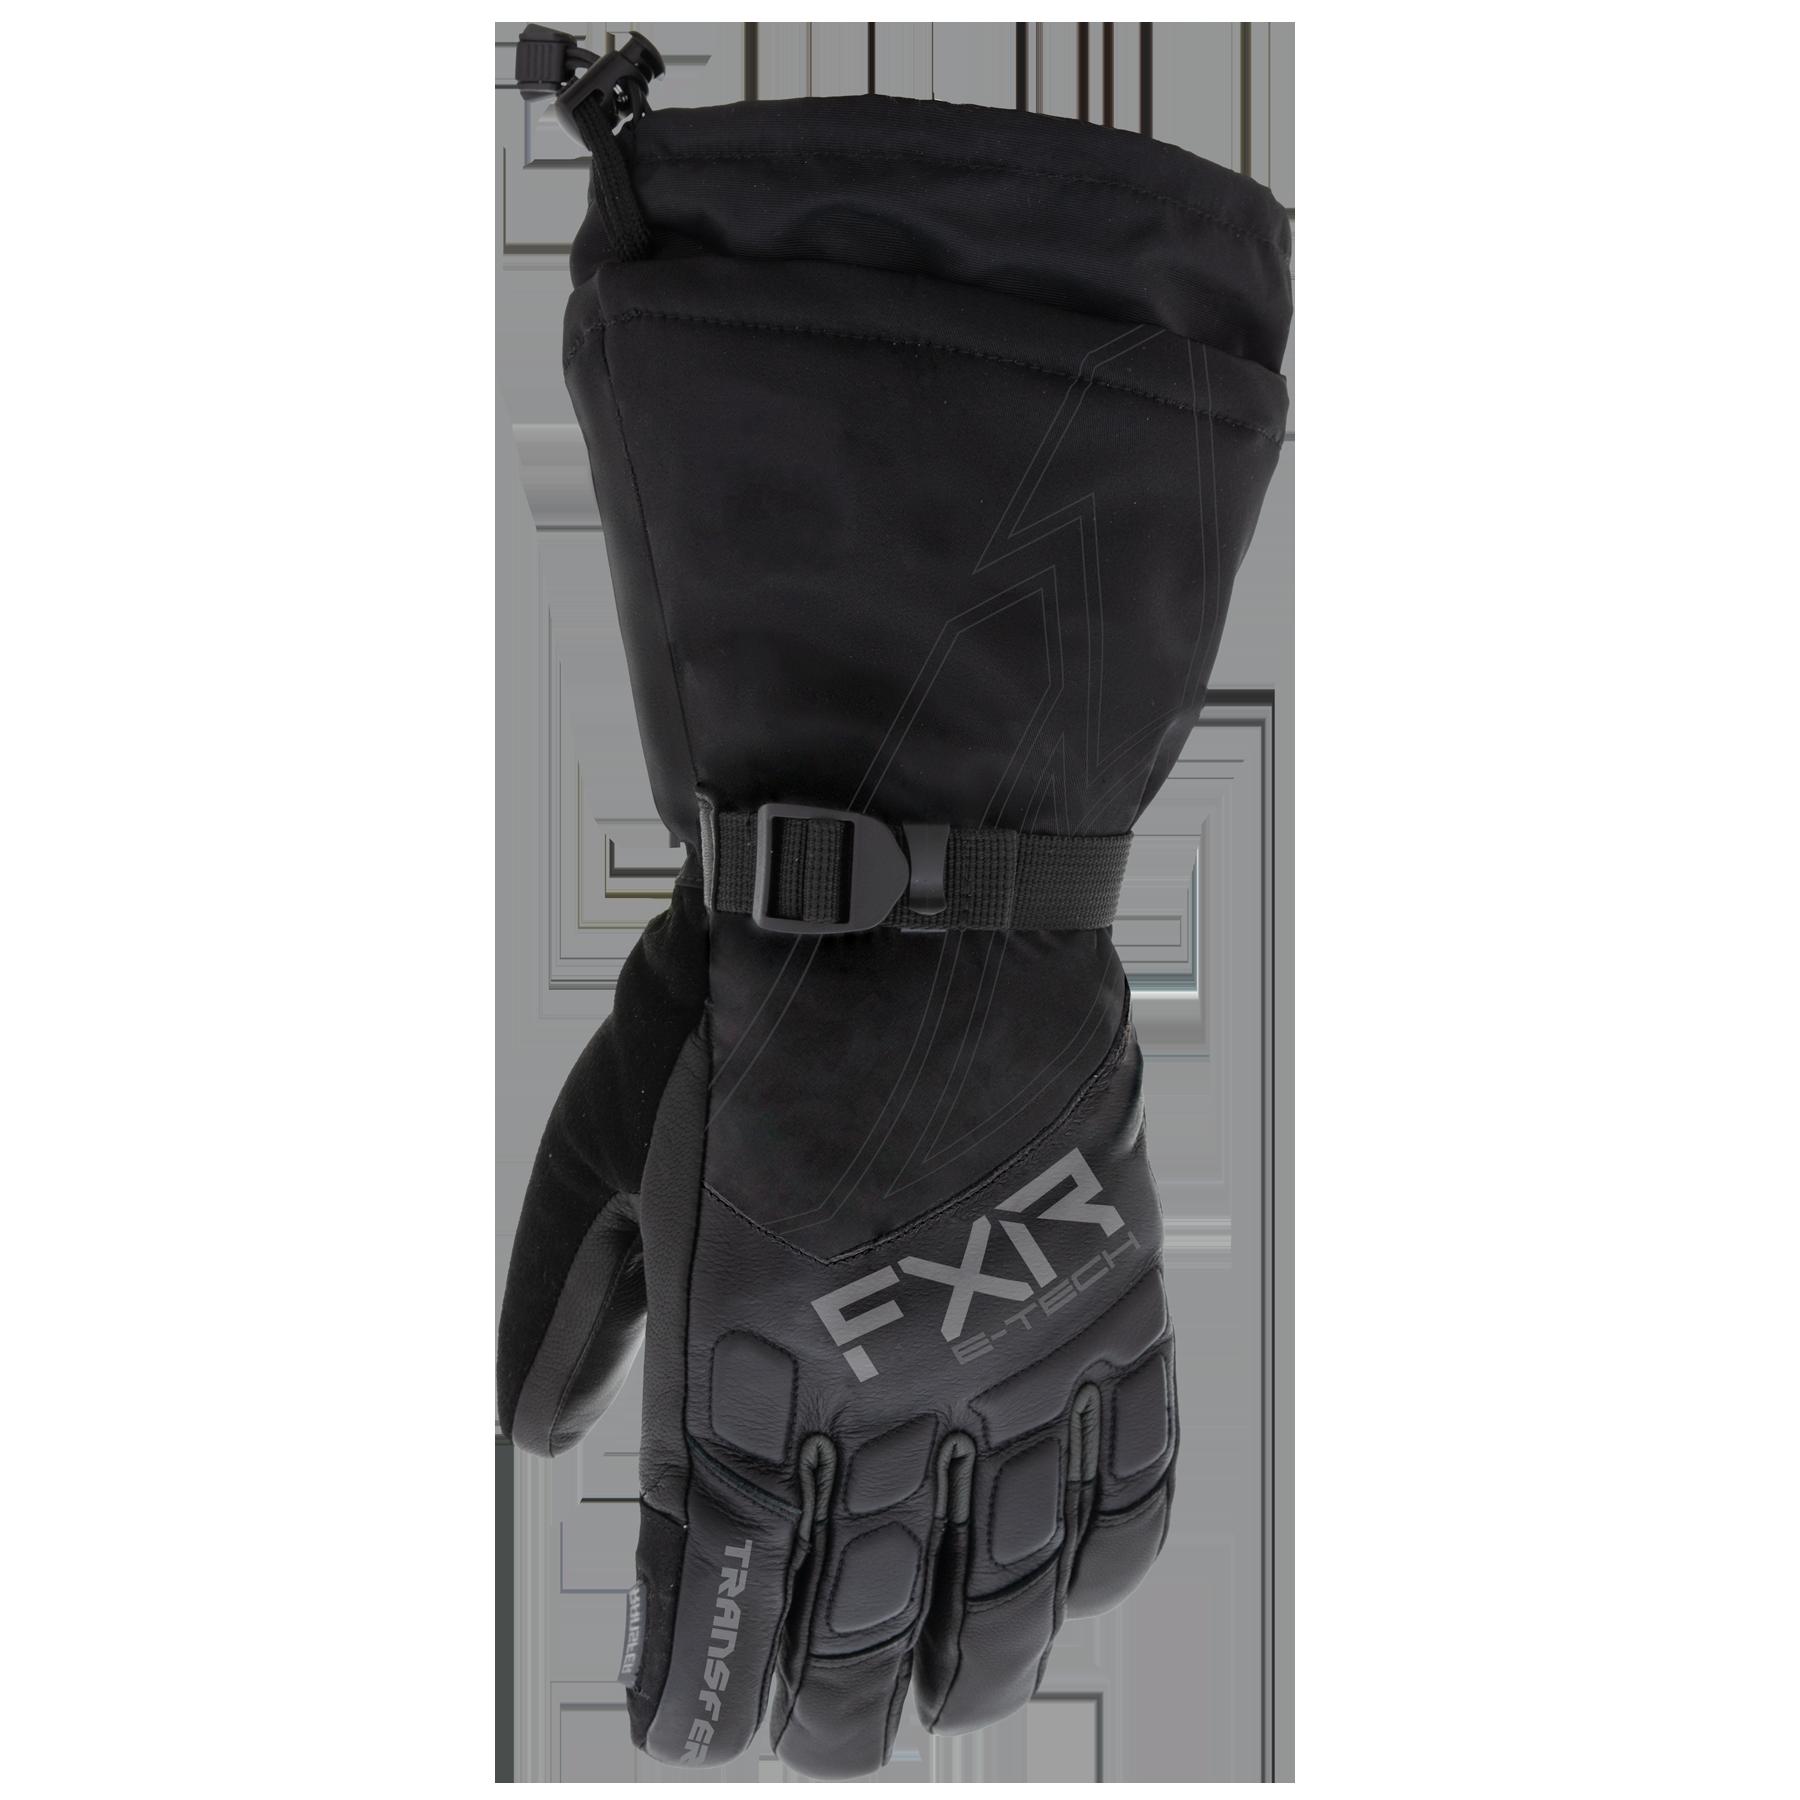 Transfer E Tech auntlet Glove 22 KI 7-9